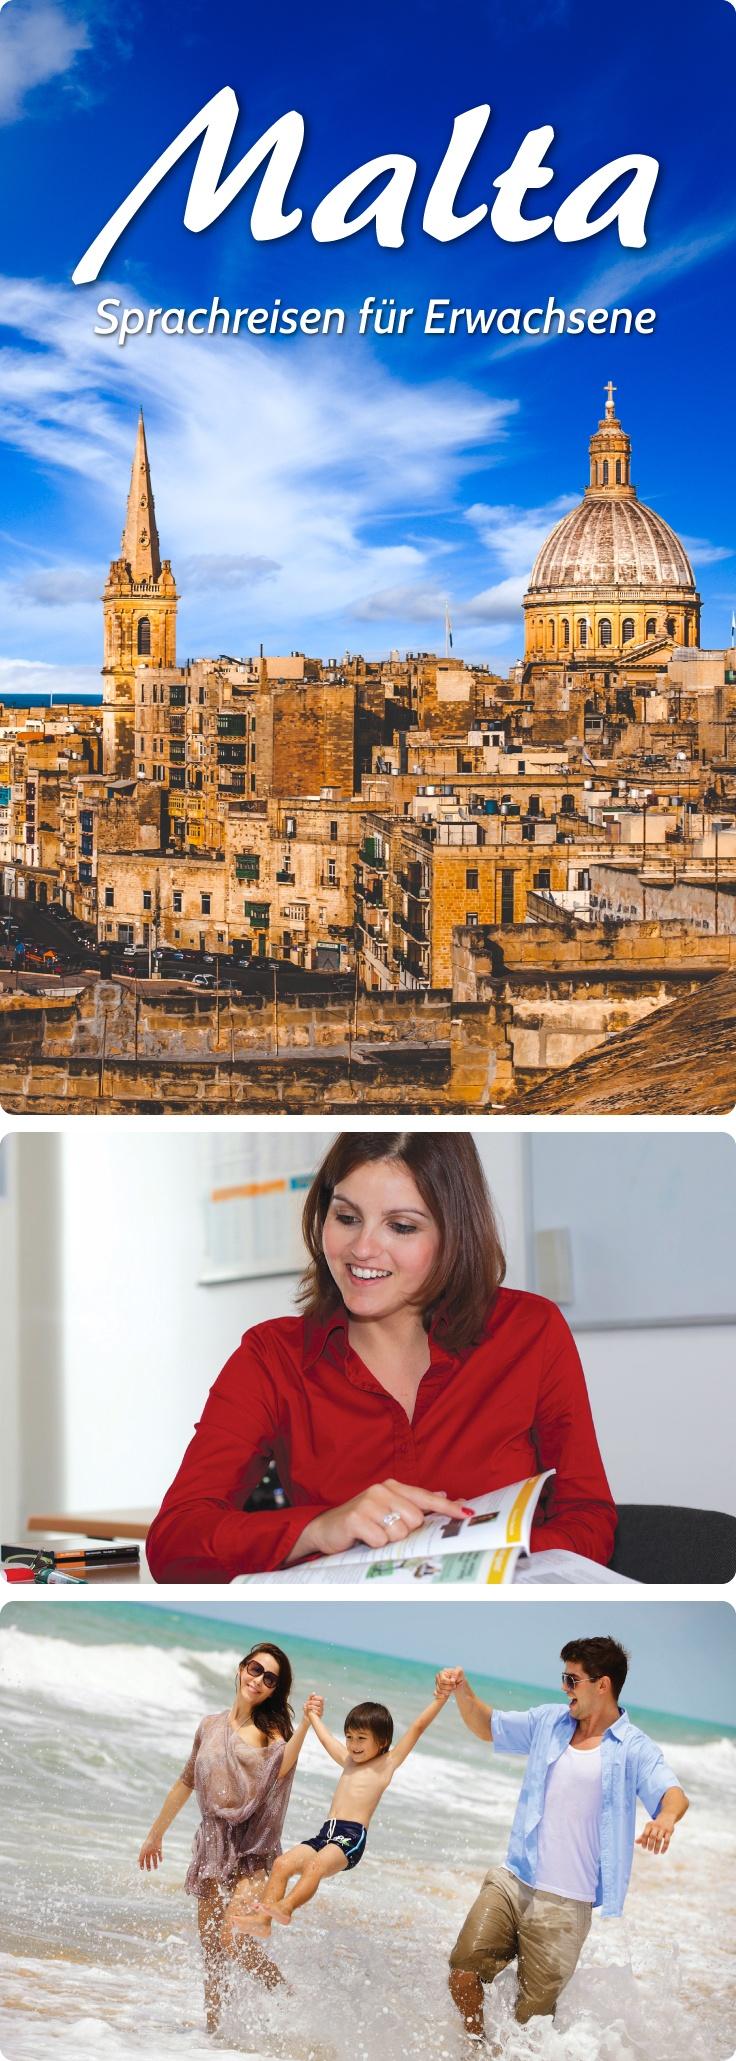 Sprachreisen für Erwachsene nach Malta. #sprachreisen #malta #pankesprachreisen